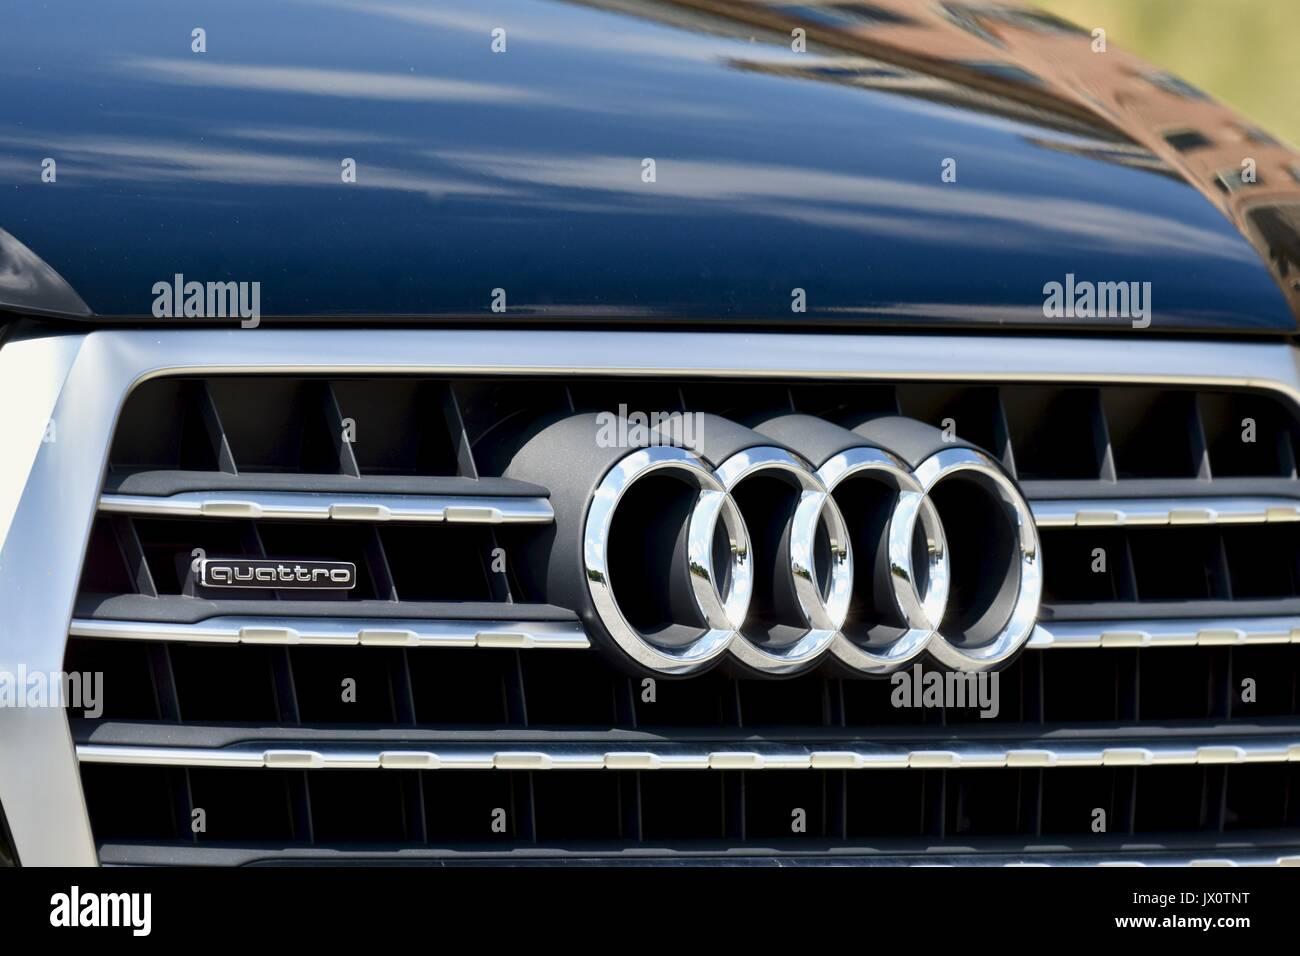 Audi Symbol Stock Photos Audi Symbol Stock Images Alamy - Audi car symbol